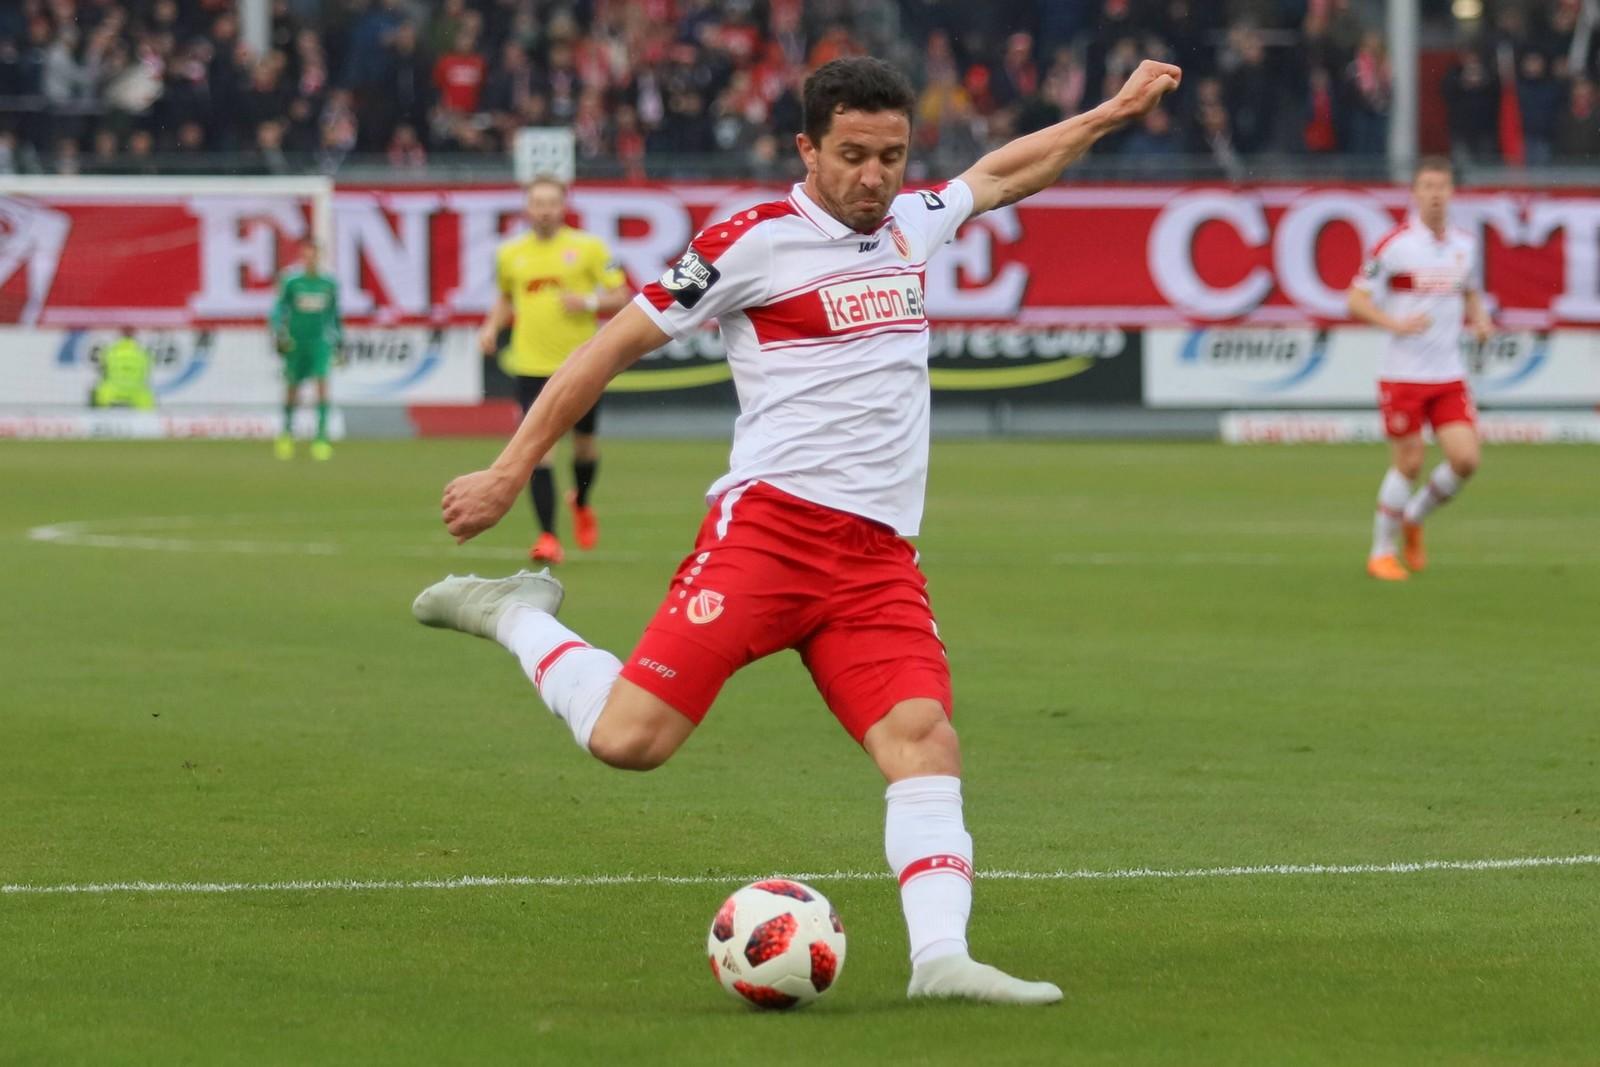 Dimitar Rangelov zieht im Spiel gegen Uerdingen ab.